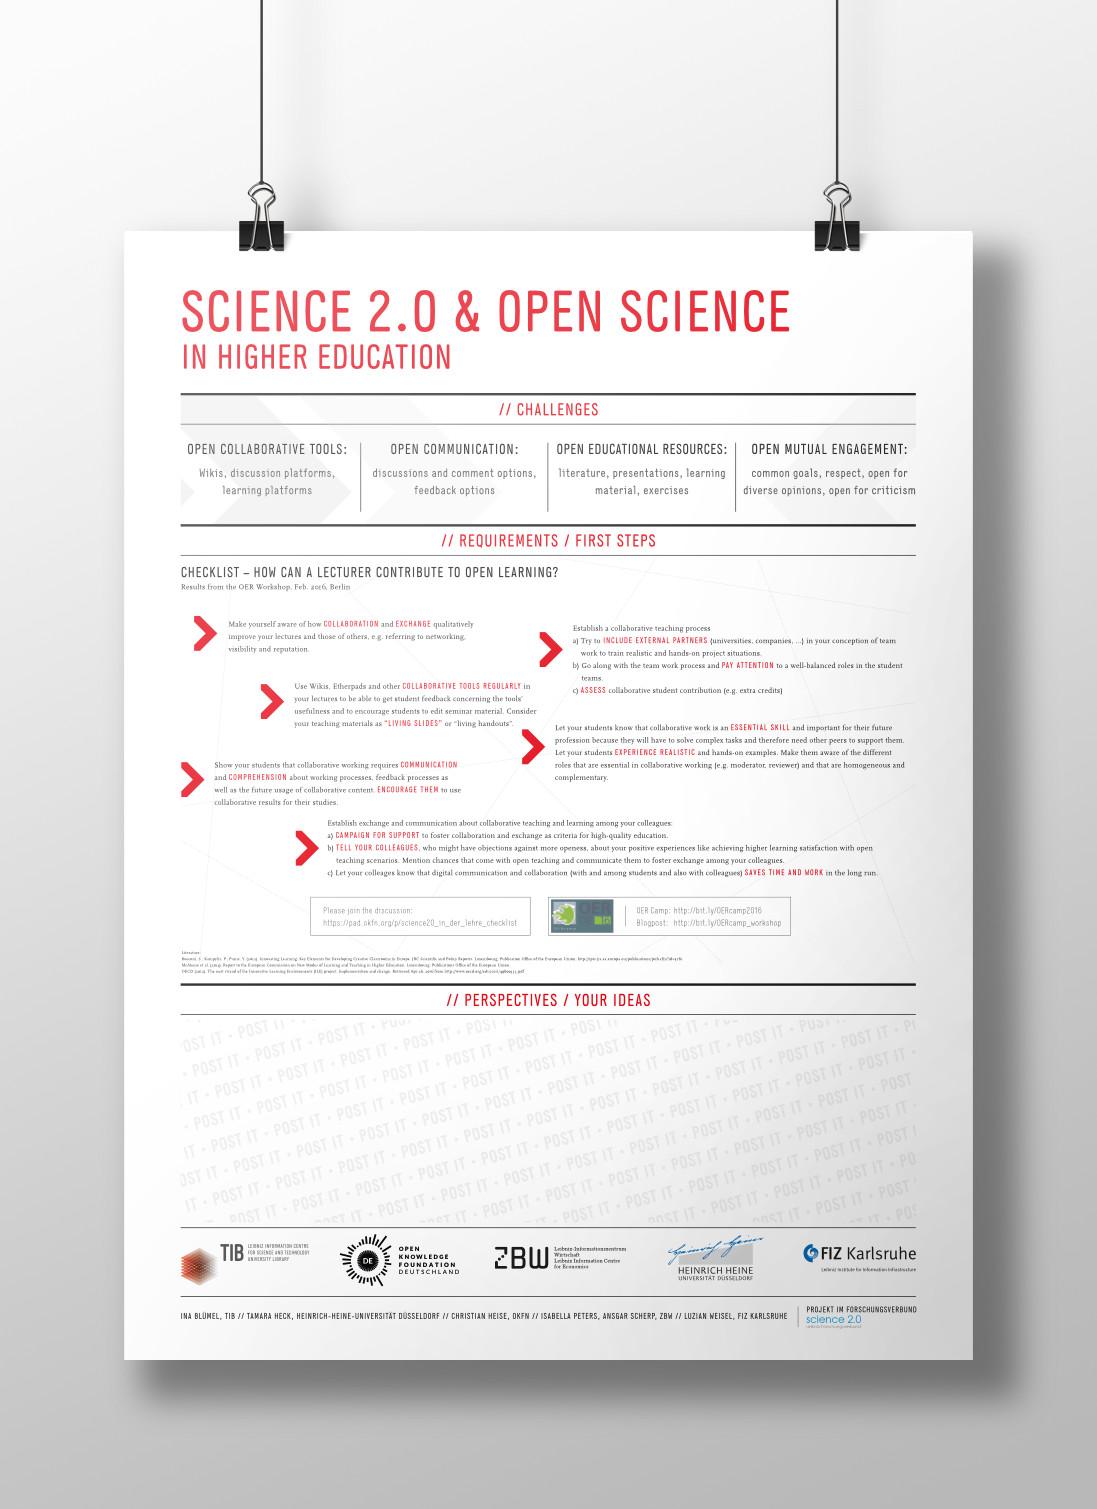 Großzügig Vorlagen Für Wissenschaftliche Poster Ideen - Entry ...